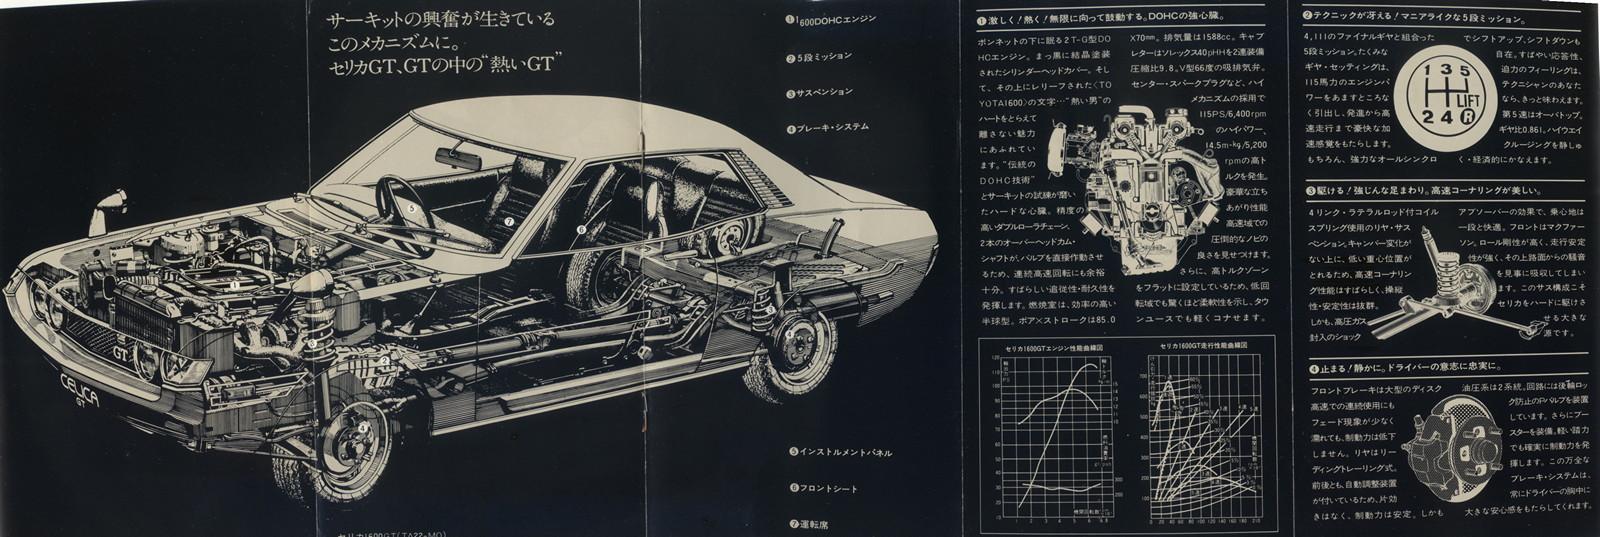 Toyota Celica, pierwsza generacja, kultowy sportowy samochód, stare auto, oldschool, japońska fura, galeria